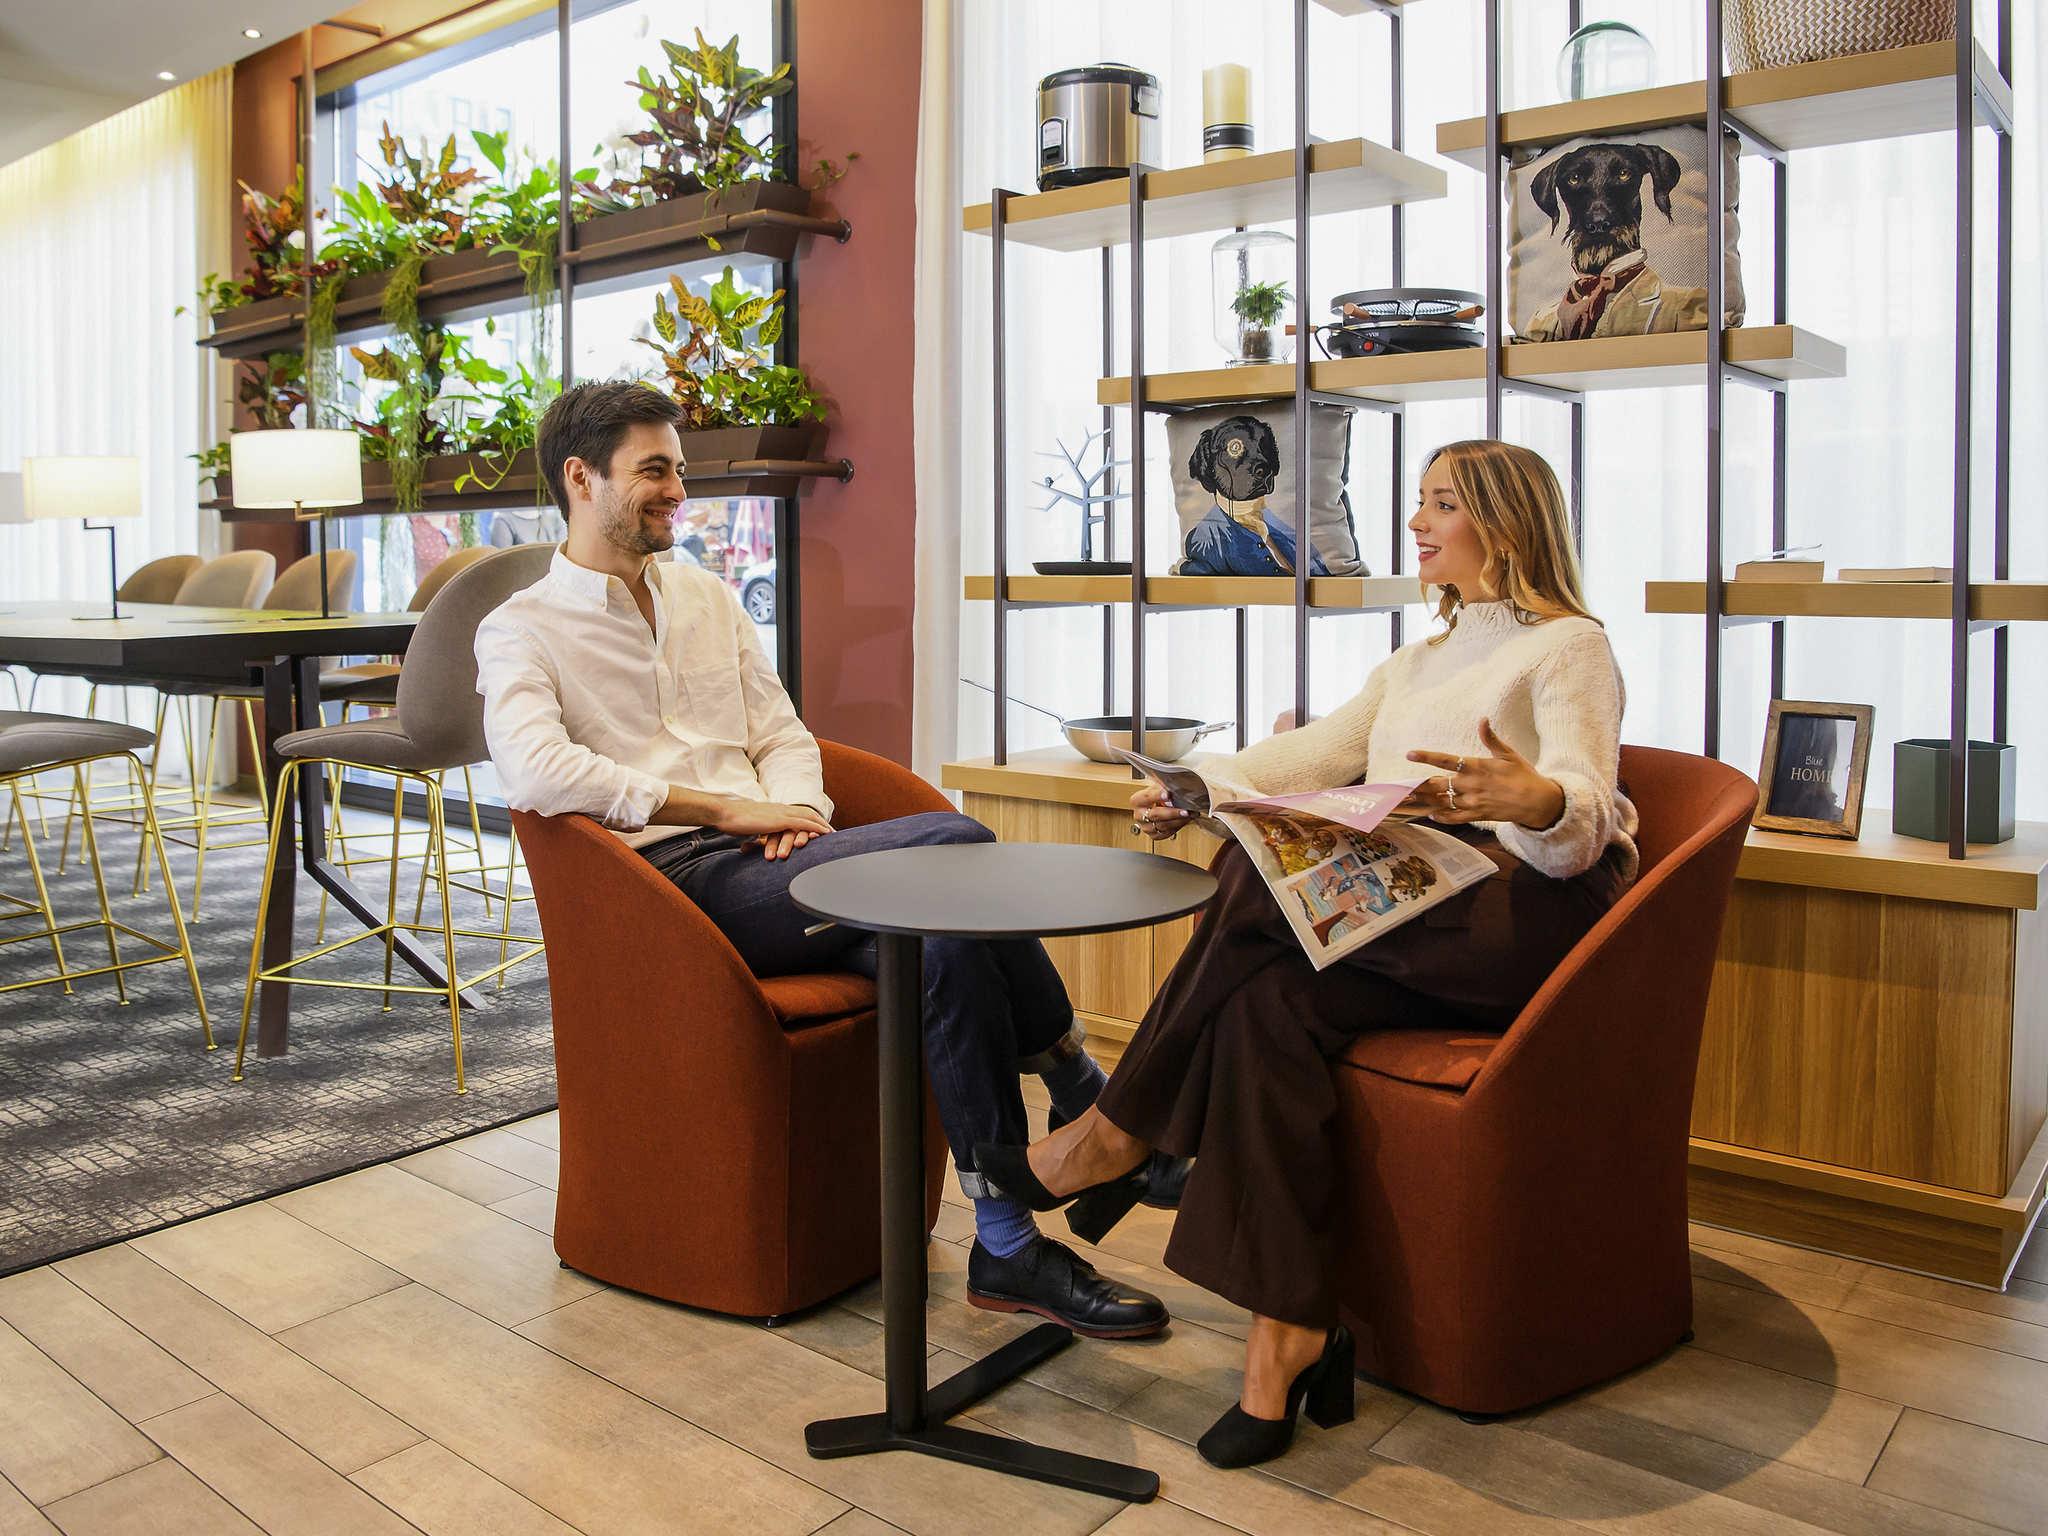 โรงแรม – อพาร์ทโฮเทล อดาจิโอ มุนเช่น ซิตี้